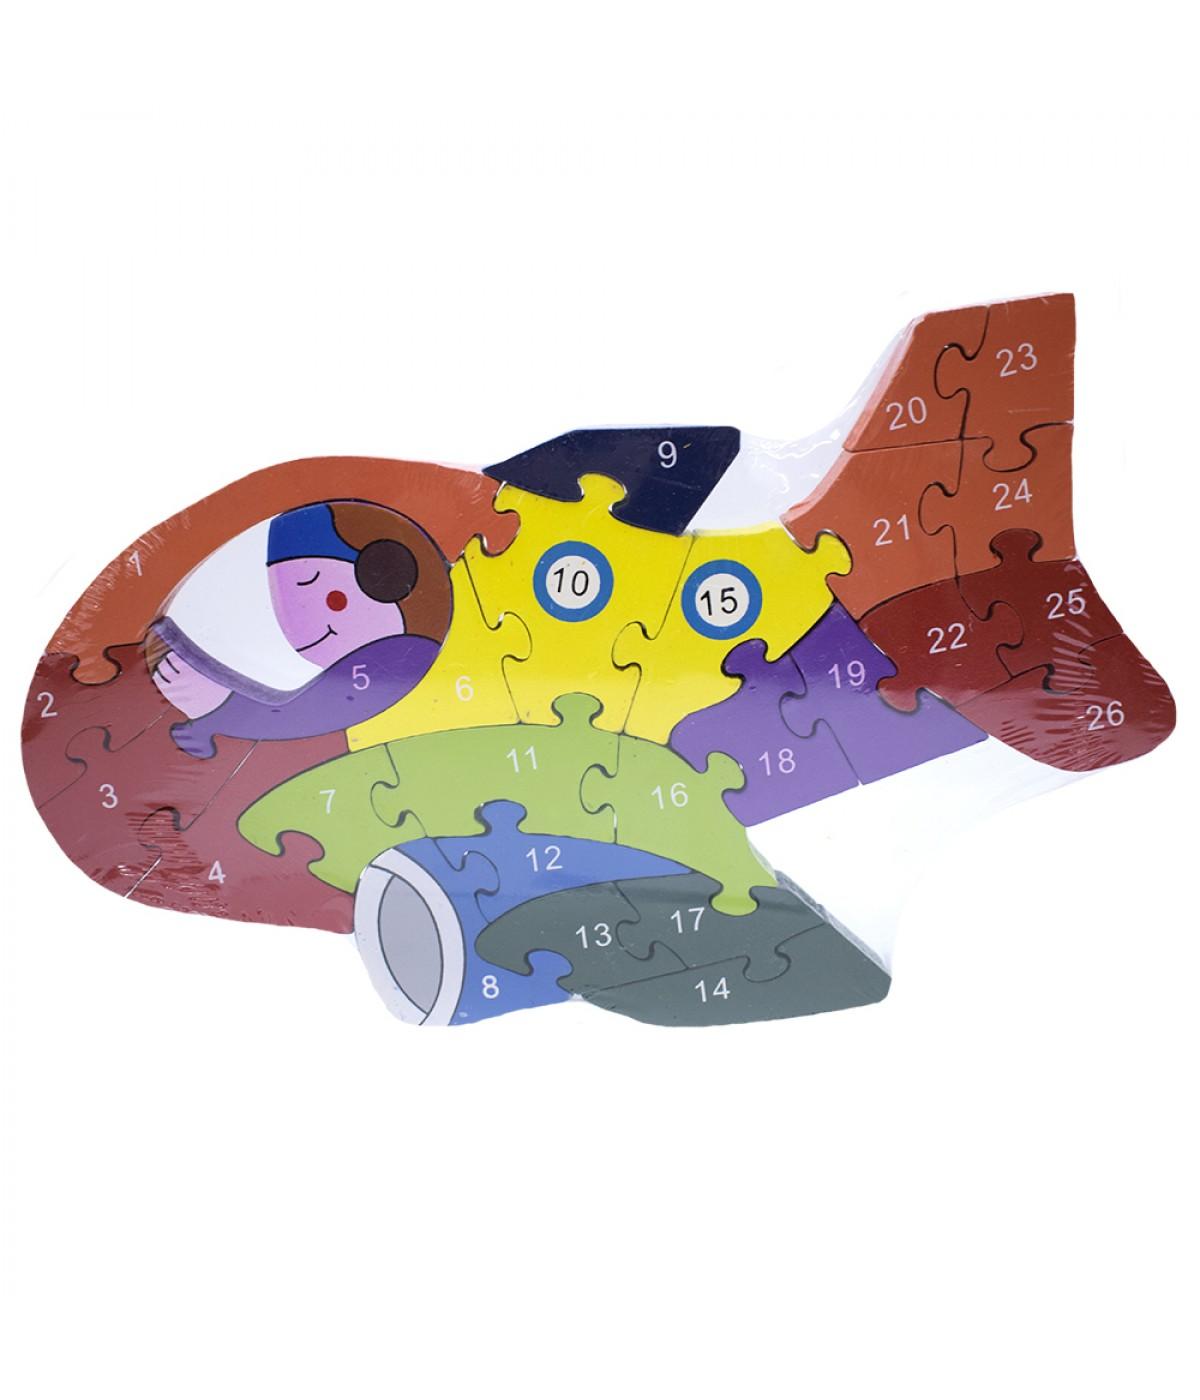 Quebra-cabeça avião colorido 26 peças 17x29cm